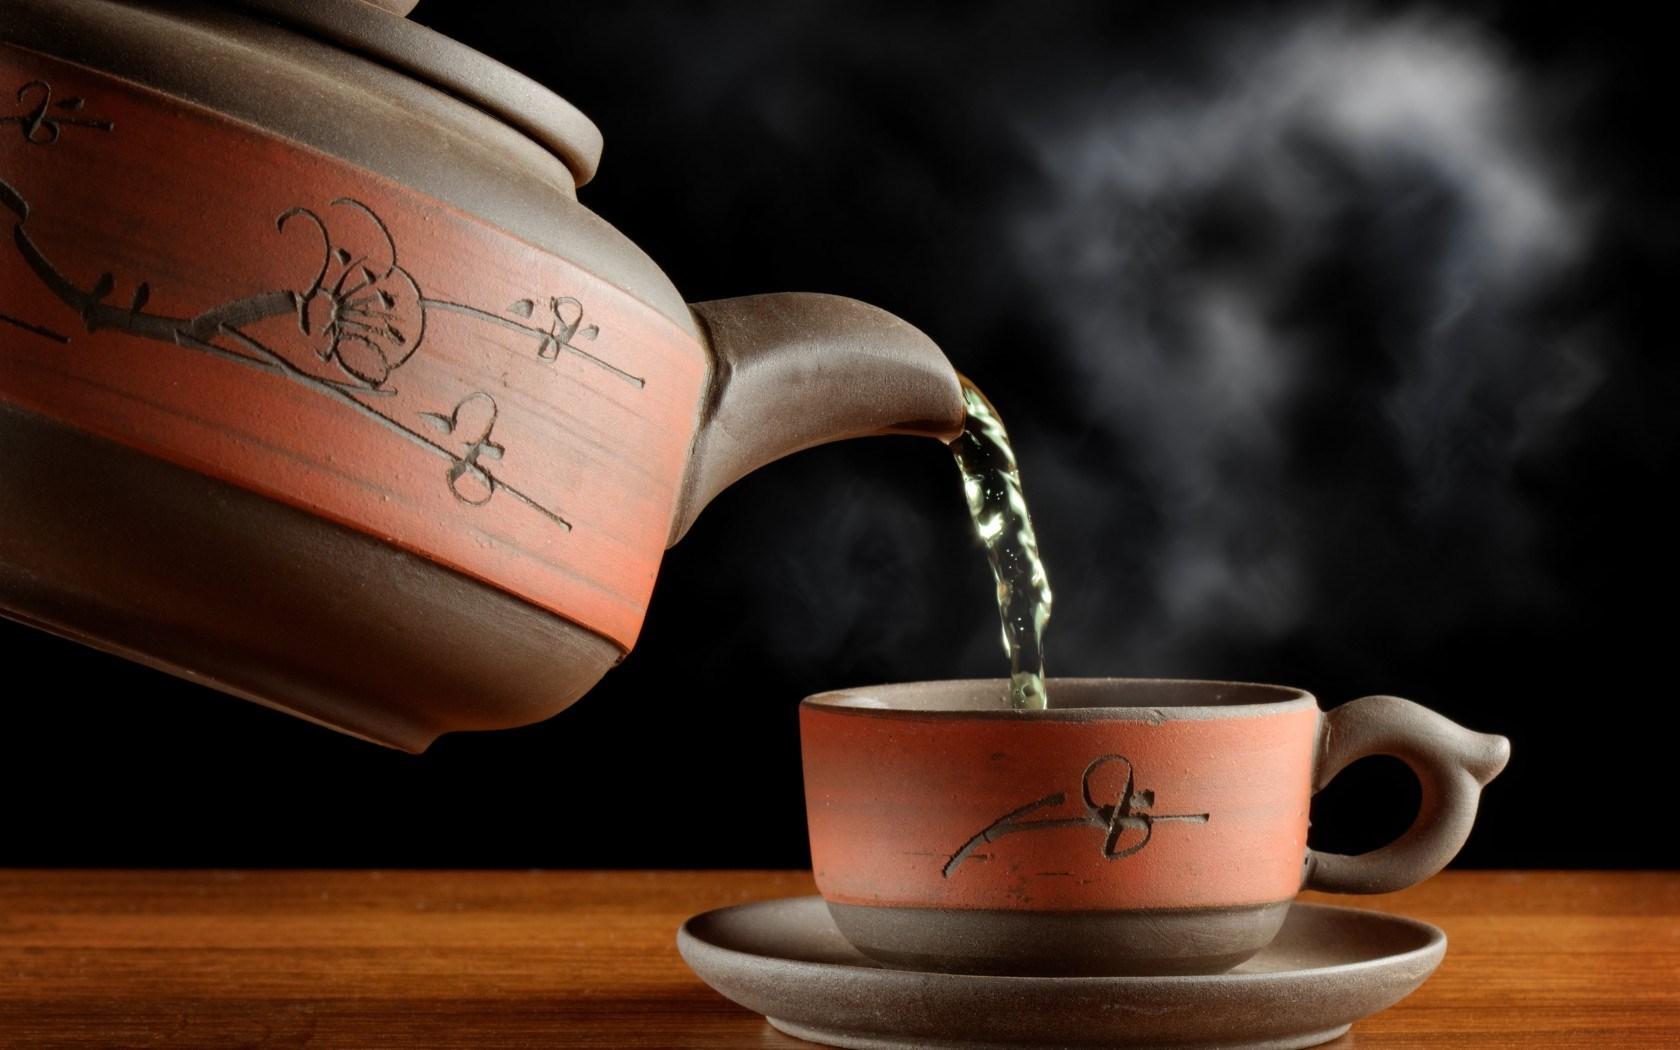 Tea Green Steam Cup Kettle